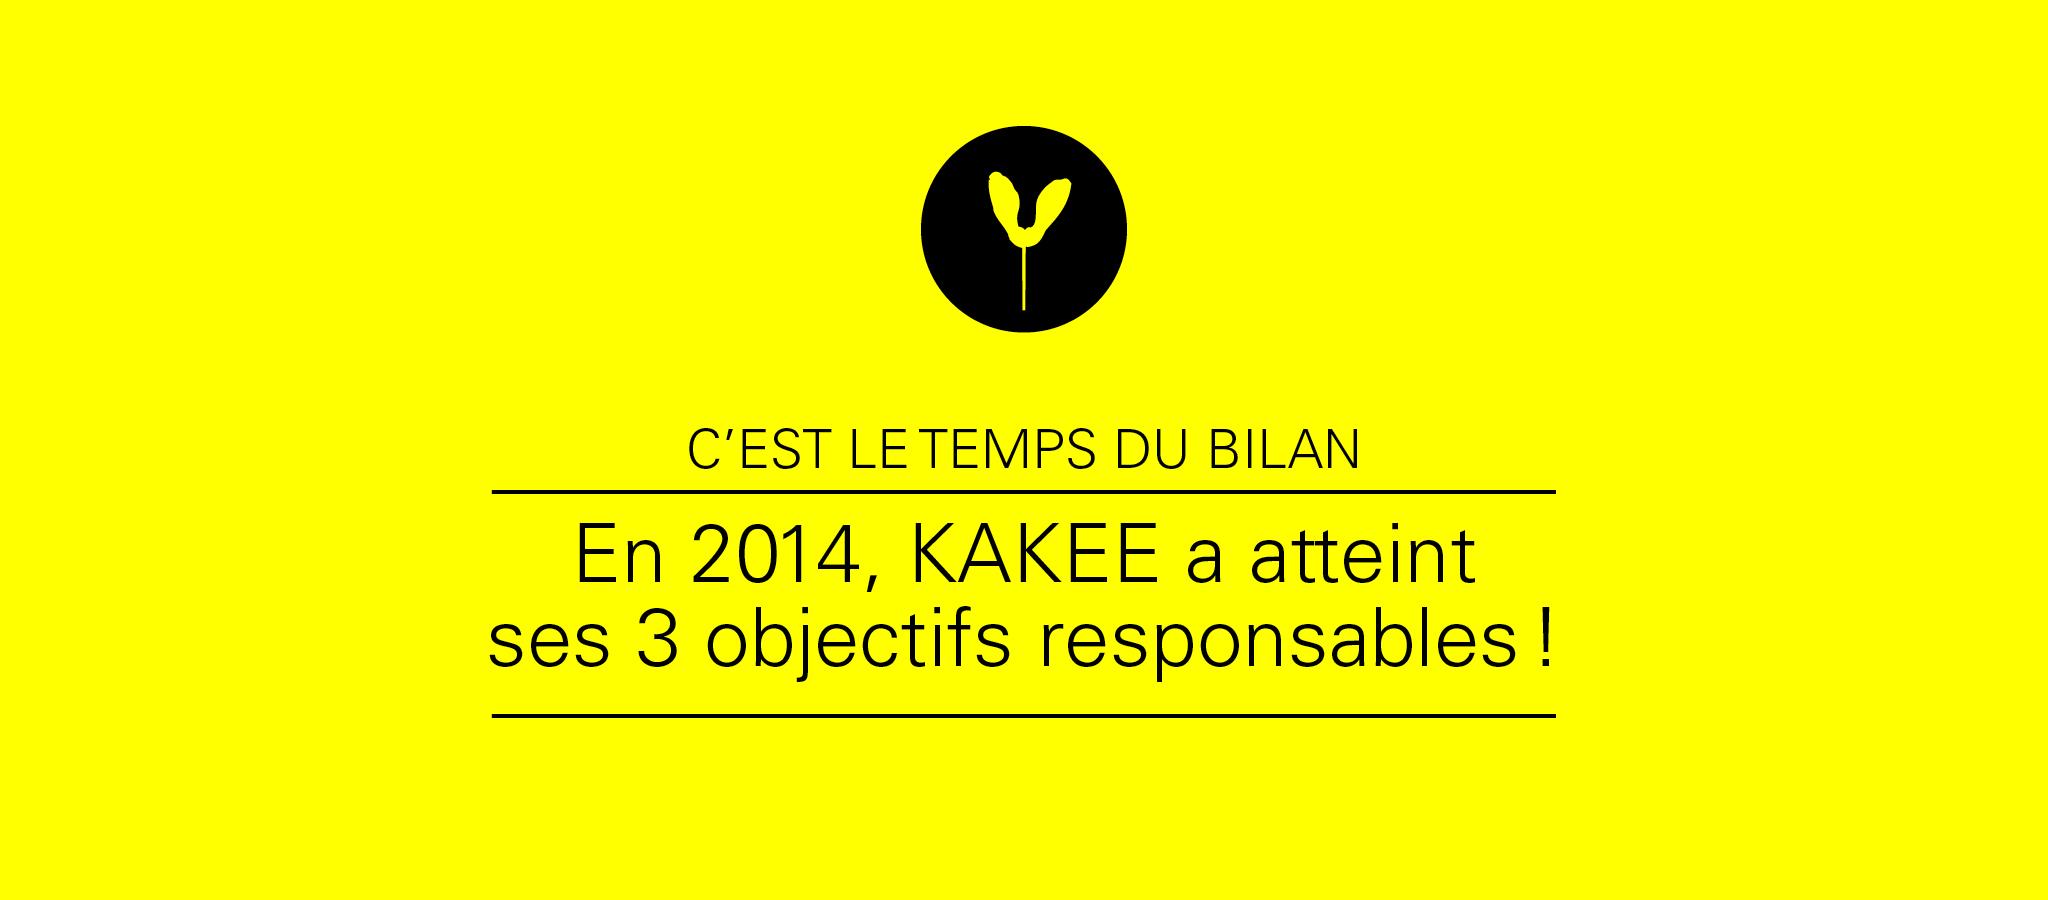 KAKEE publie son troisième bilan responsable.